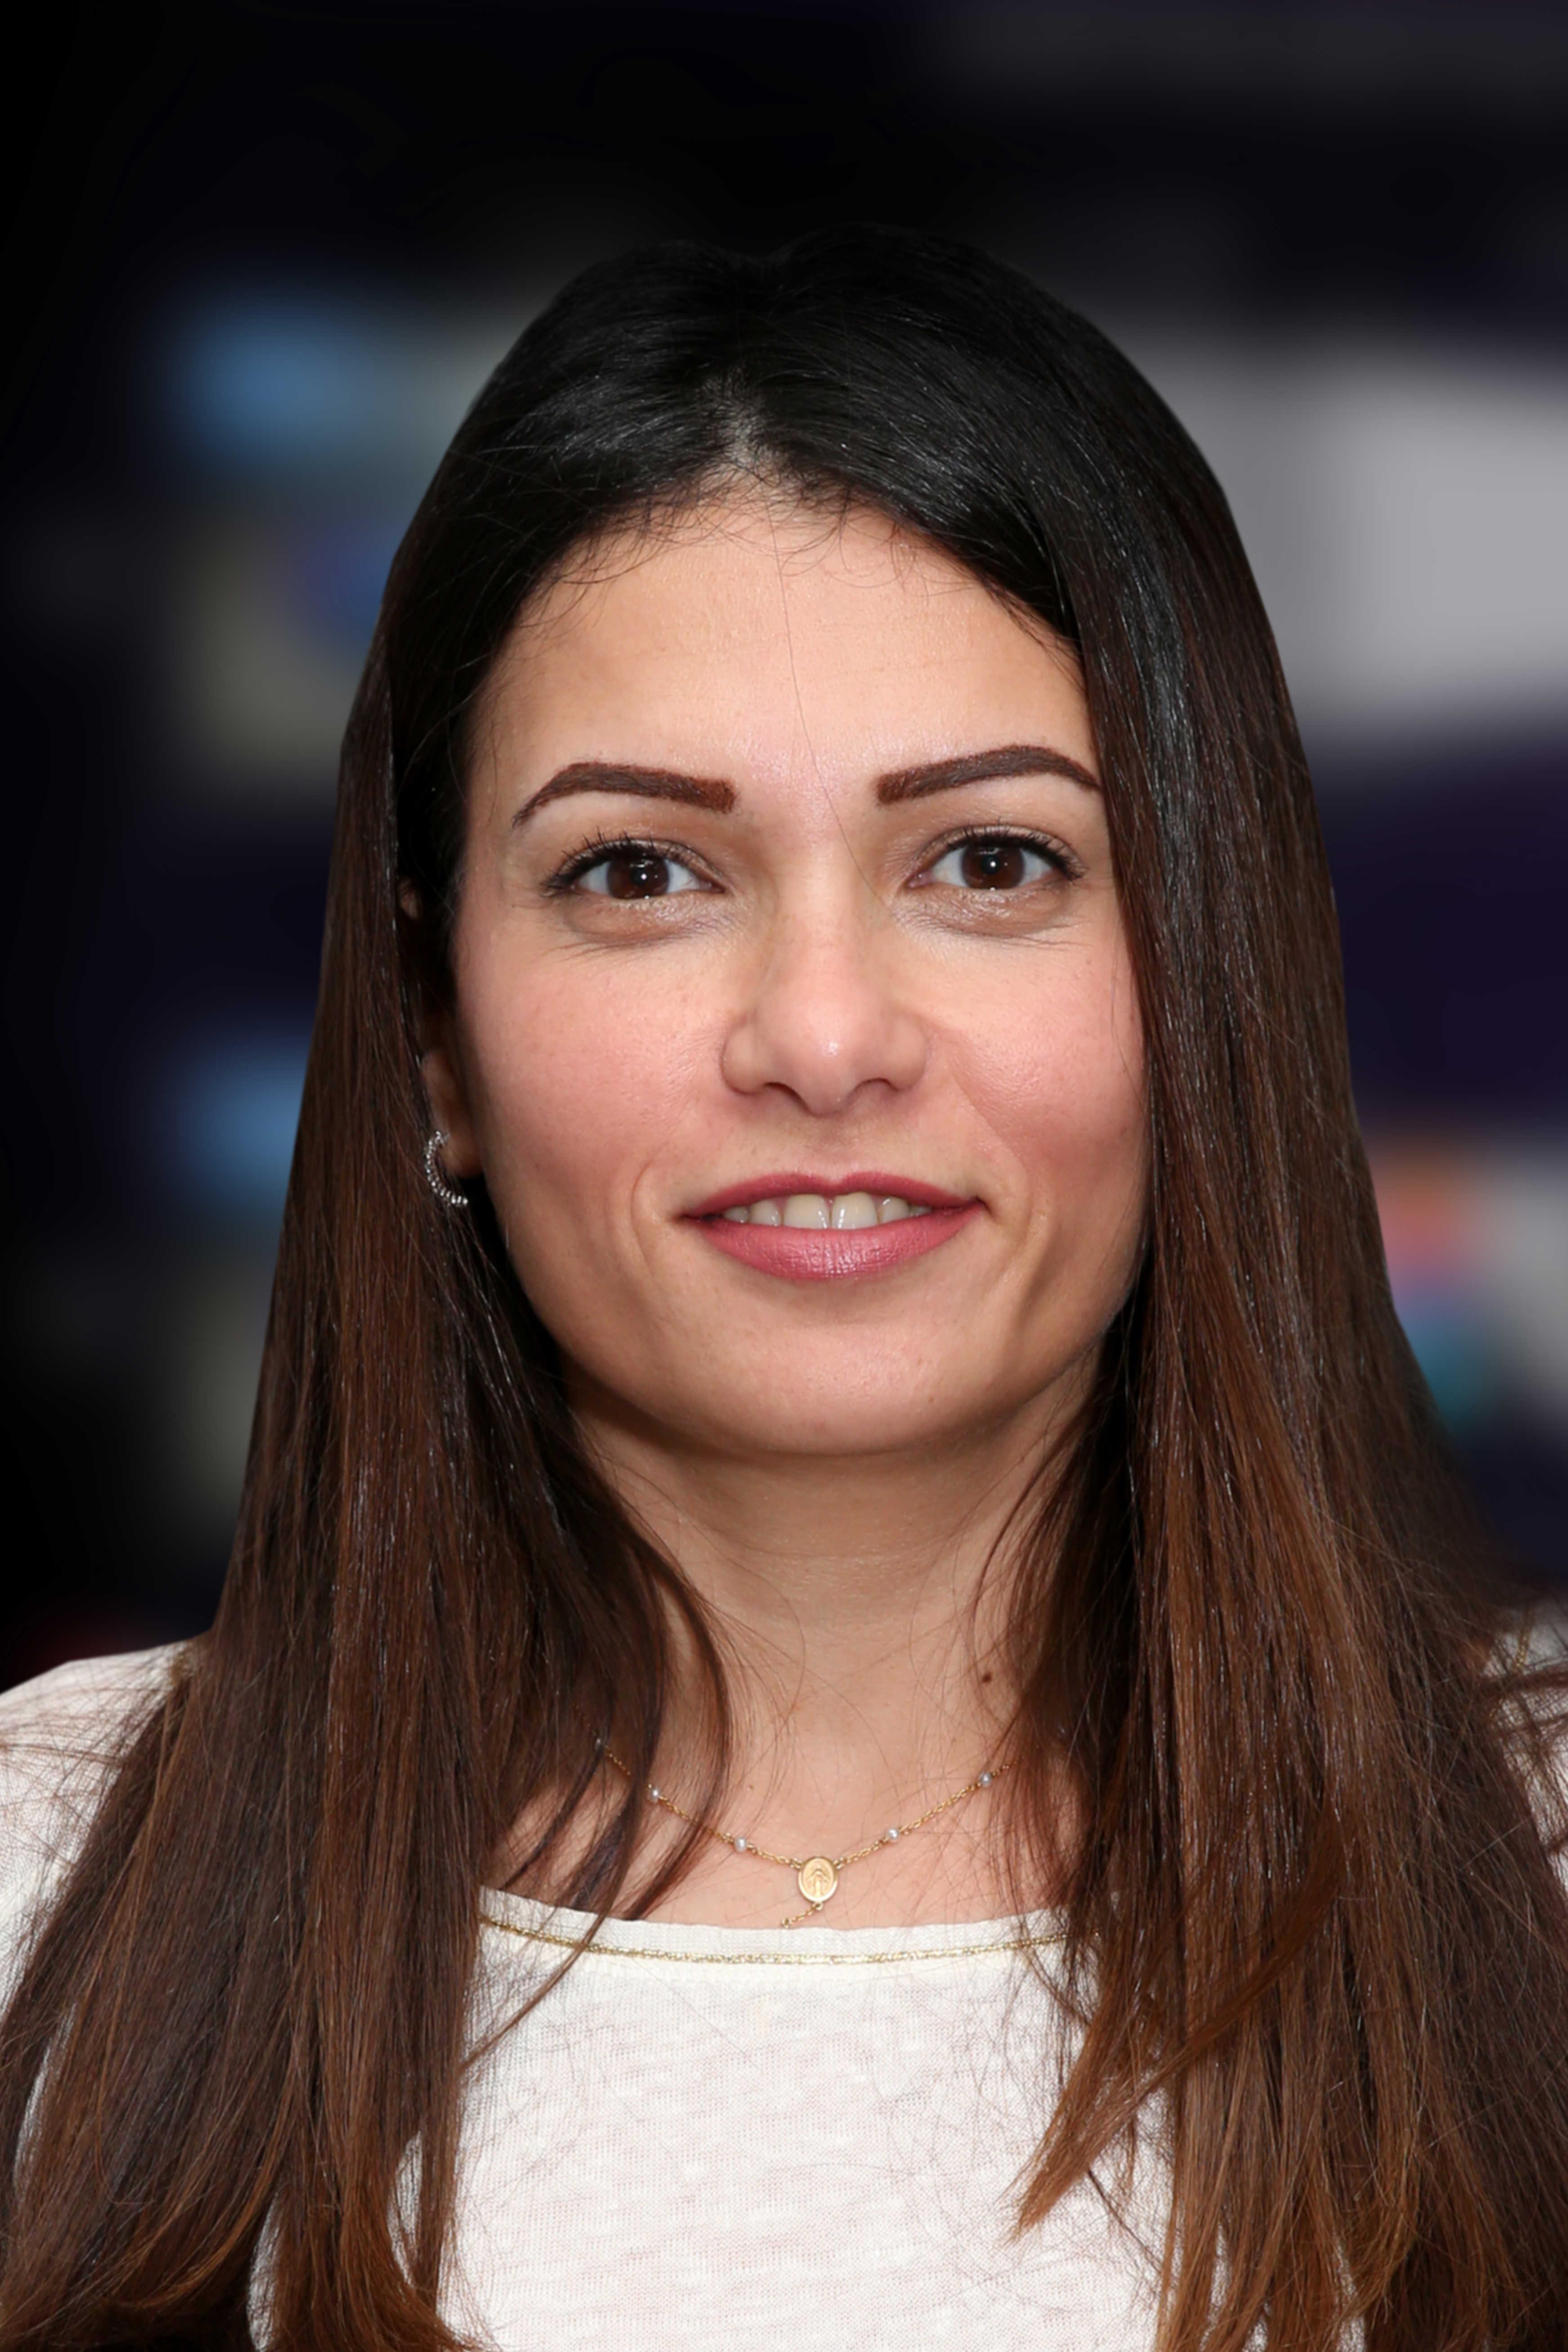 Mariem Morckos